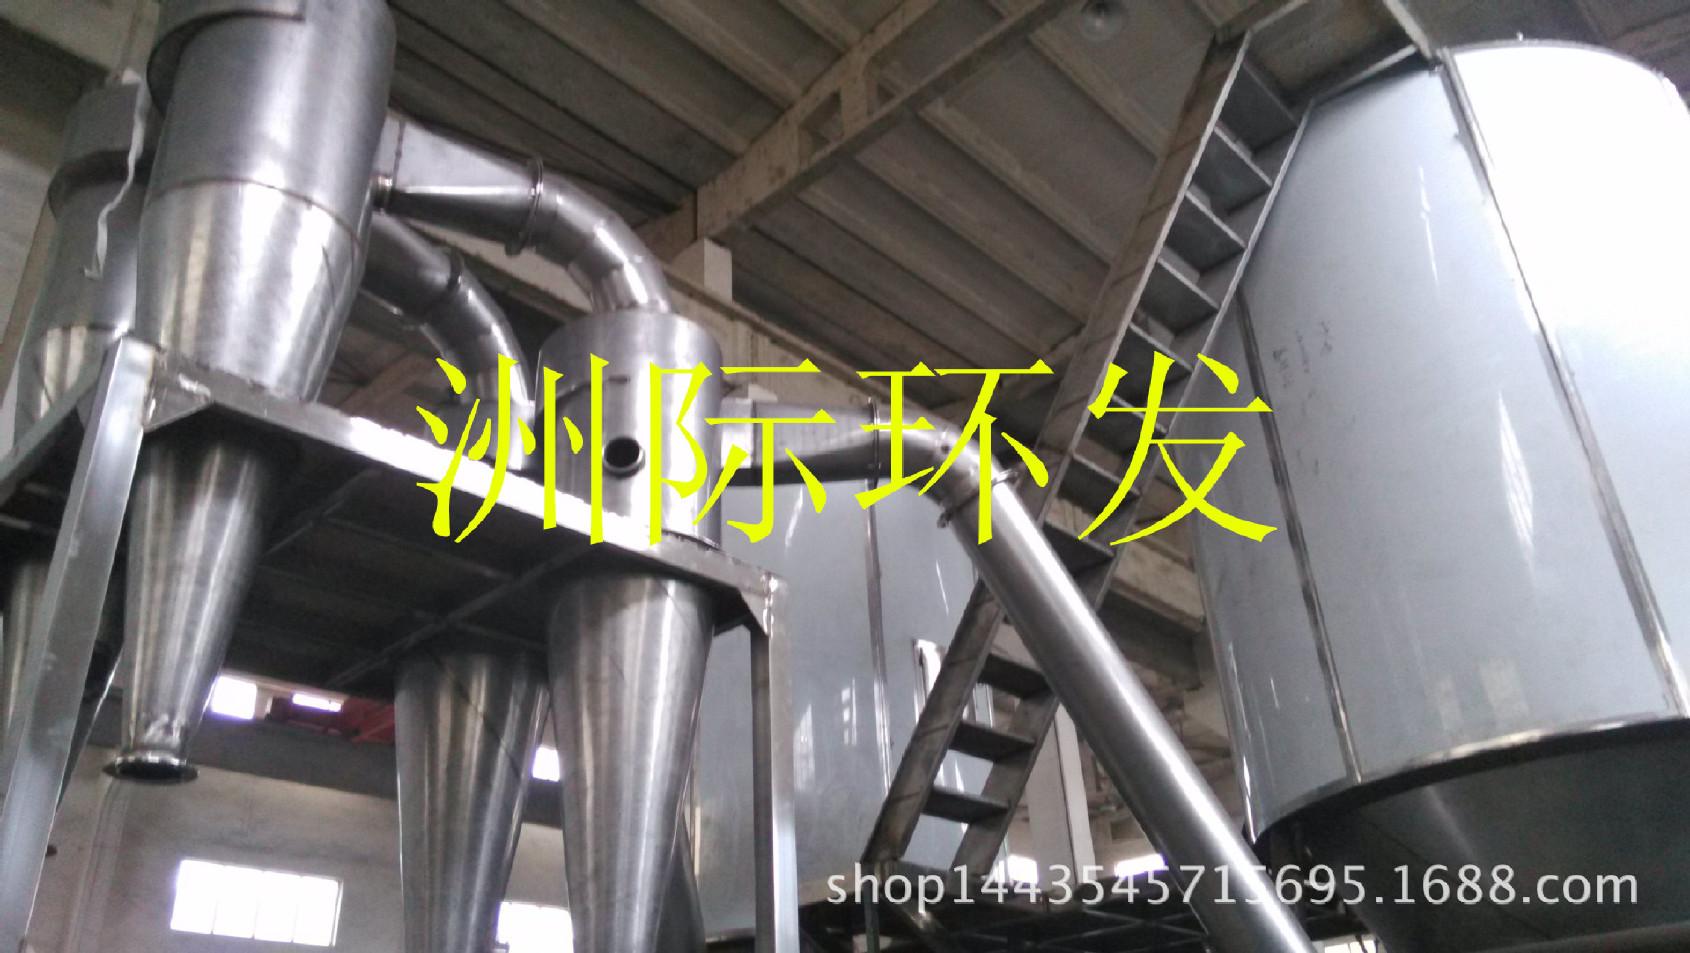 喷雾塔 喷雾干燥塔 喷雾干燥机 喷雾干燥图片